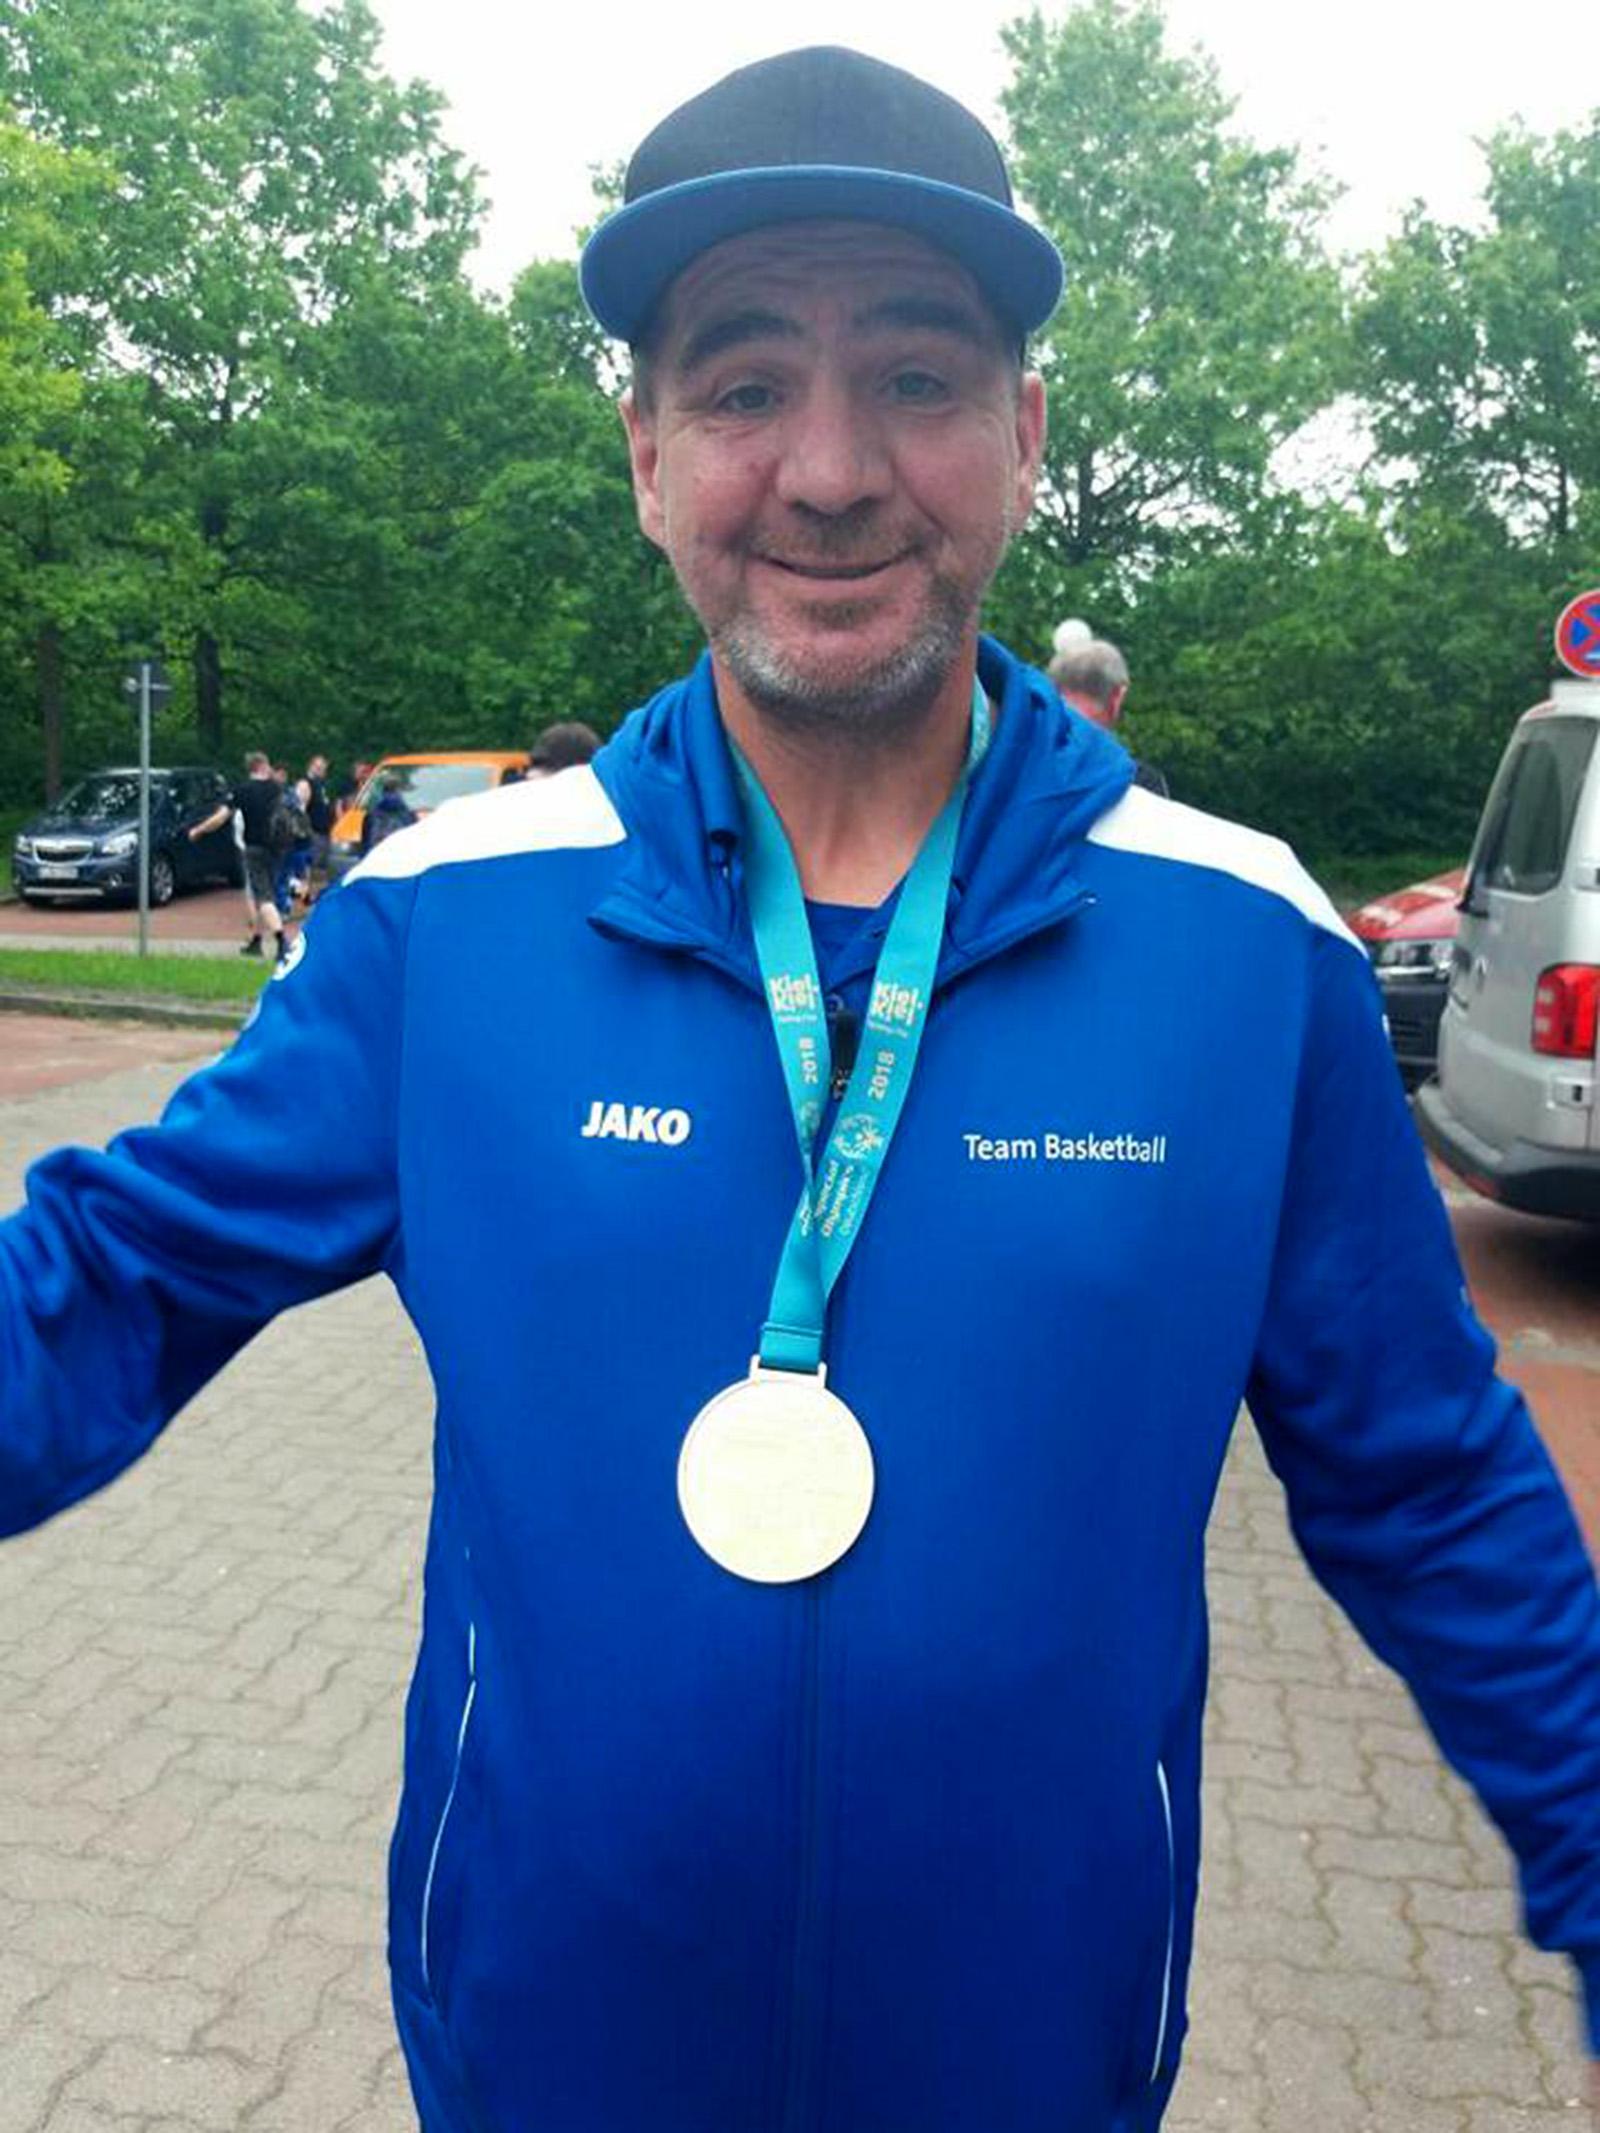 Stolz und glücklich postete Basketballspieler Norbert Kraus ein Selfie mit seiner Gold-Medaille.